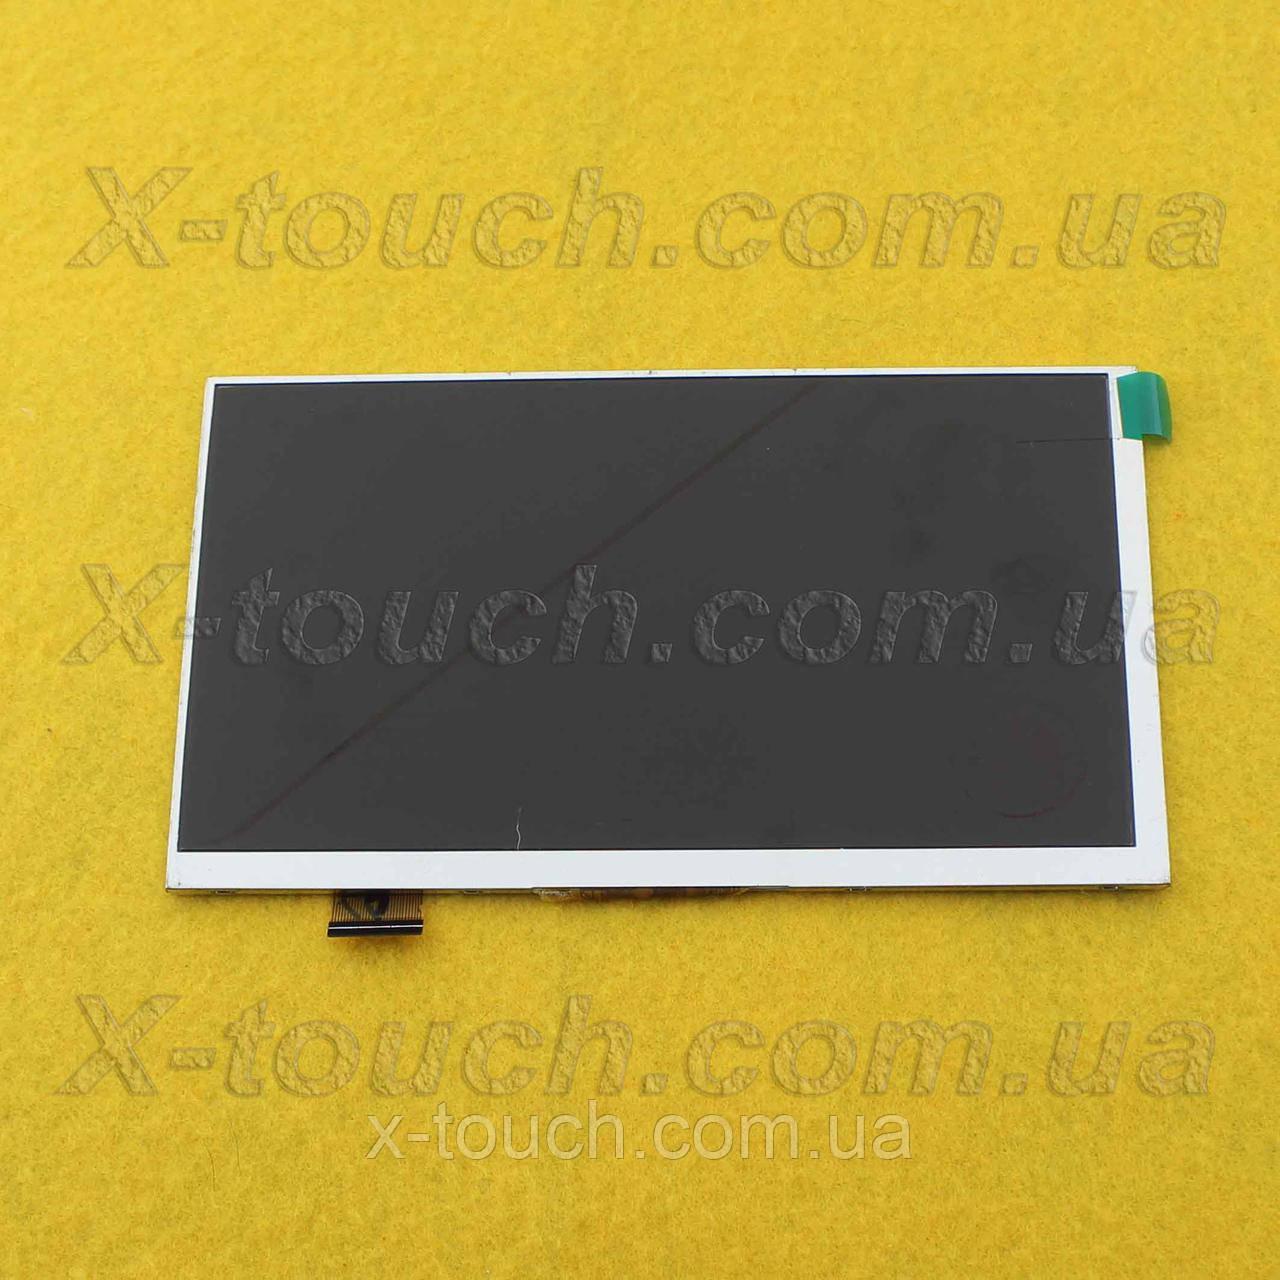 Матриця,екран, дисплей HYW1412020A-1012YCX для планшета